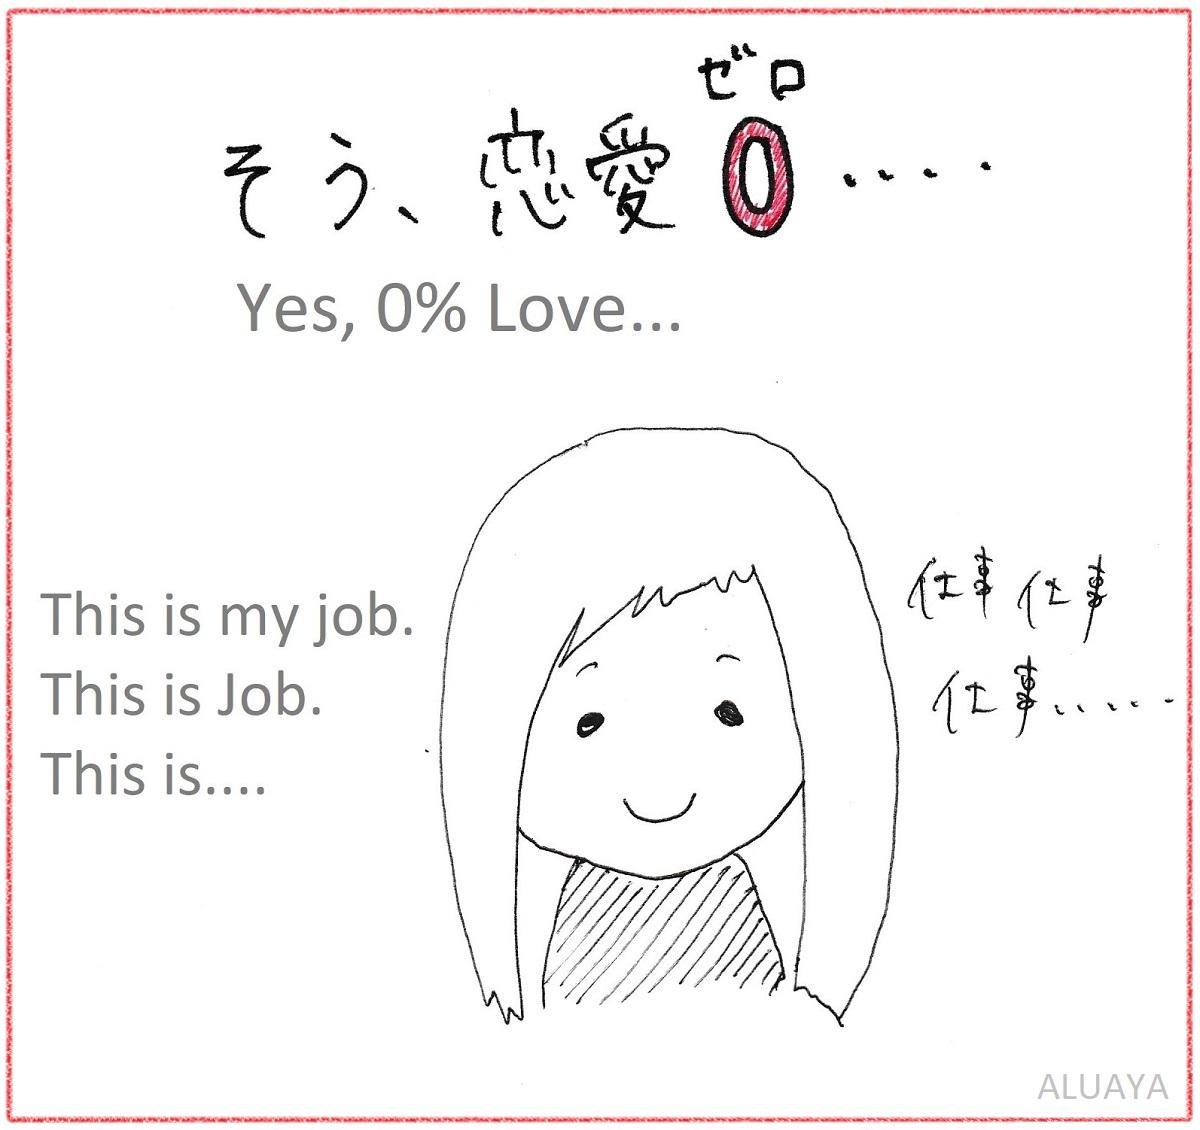 恋愛より仕事を優先